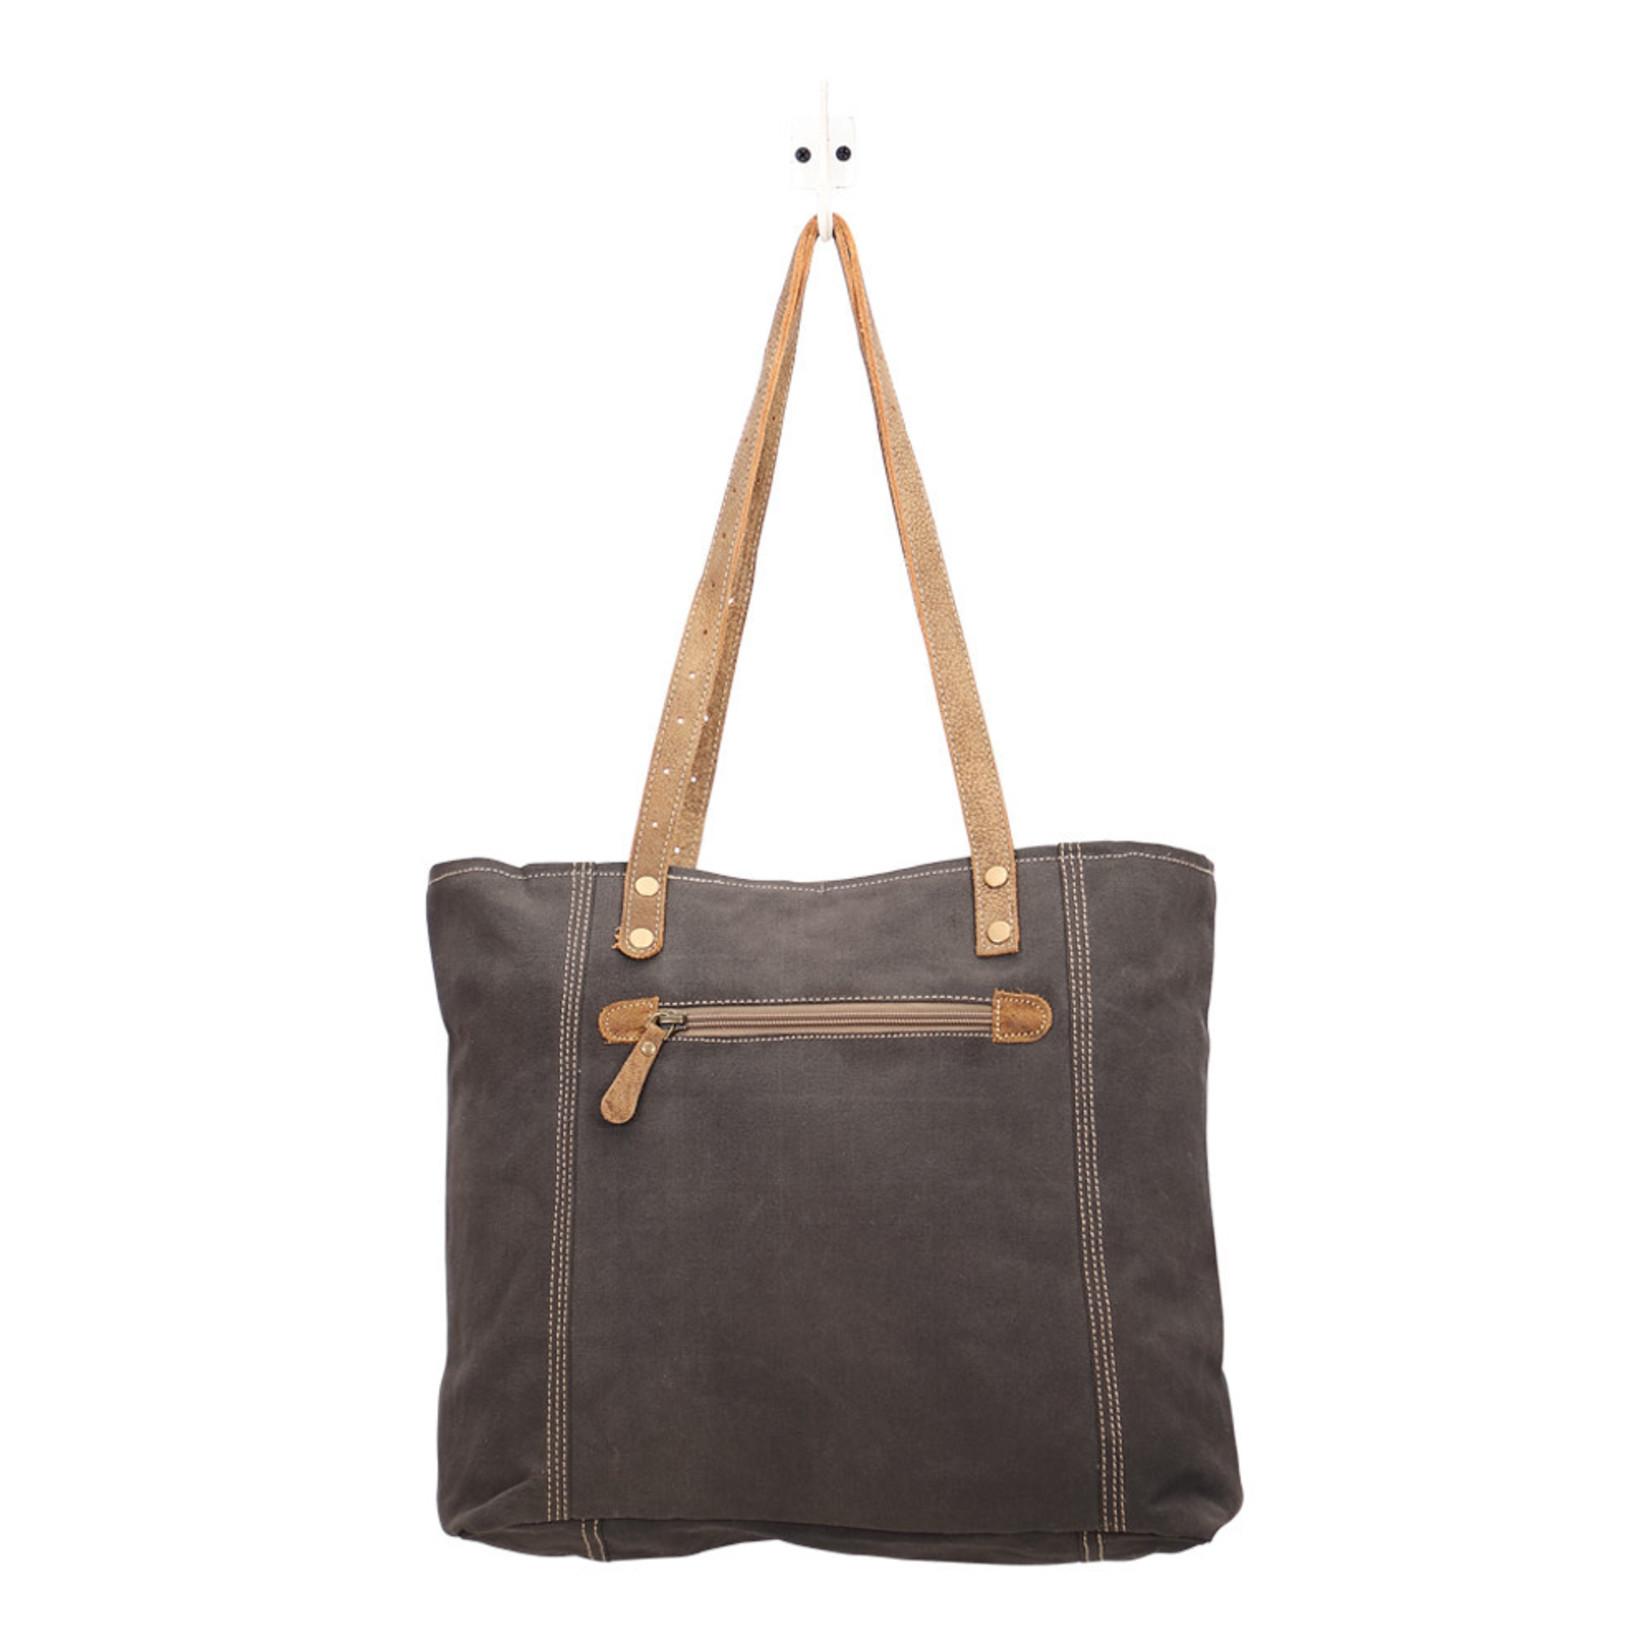 Myra Bags S-1456 Abstract Key Tote Bag